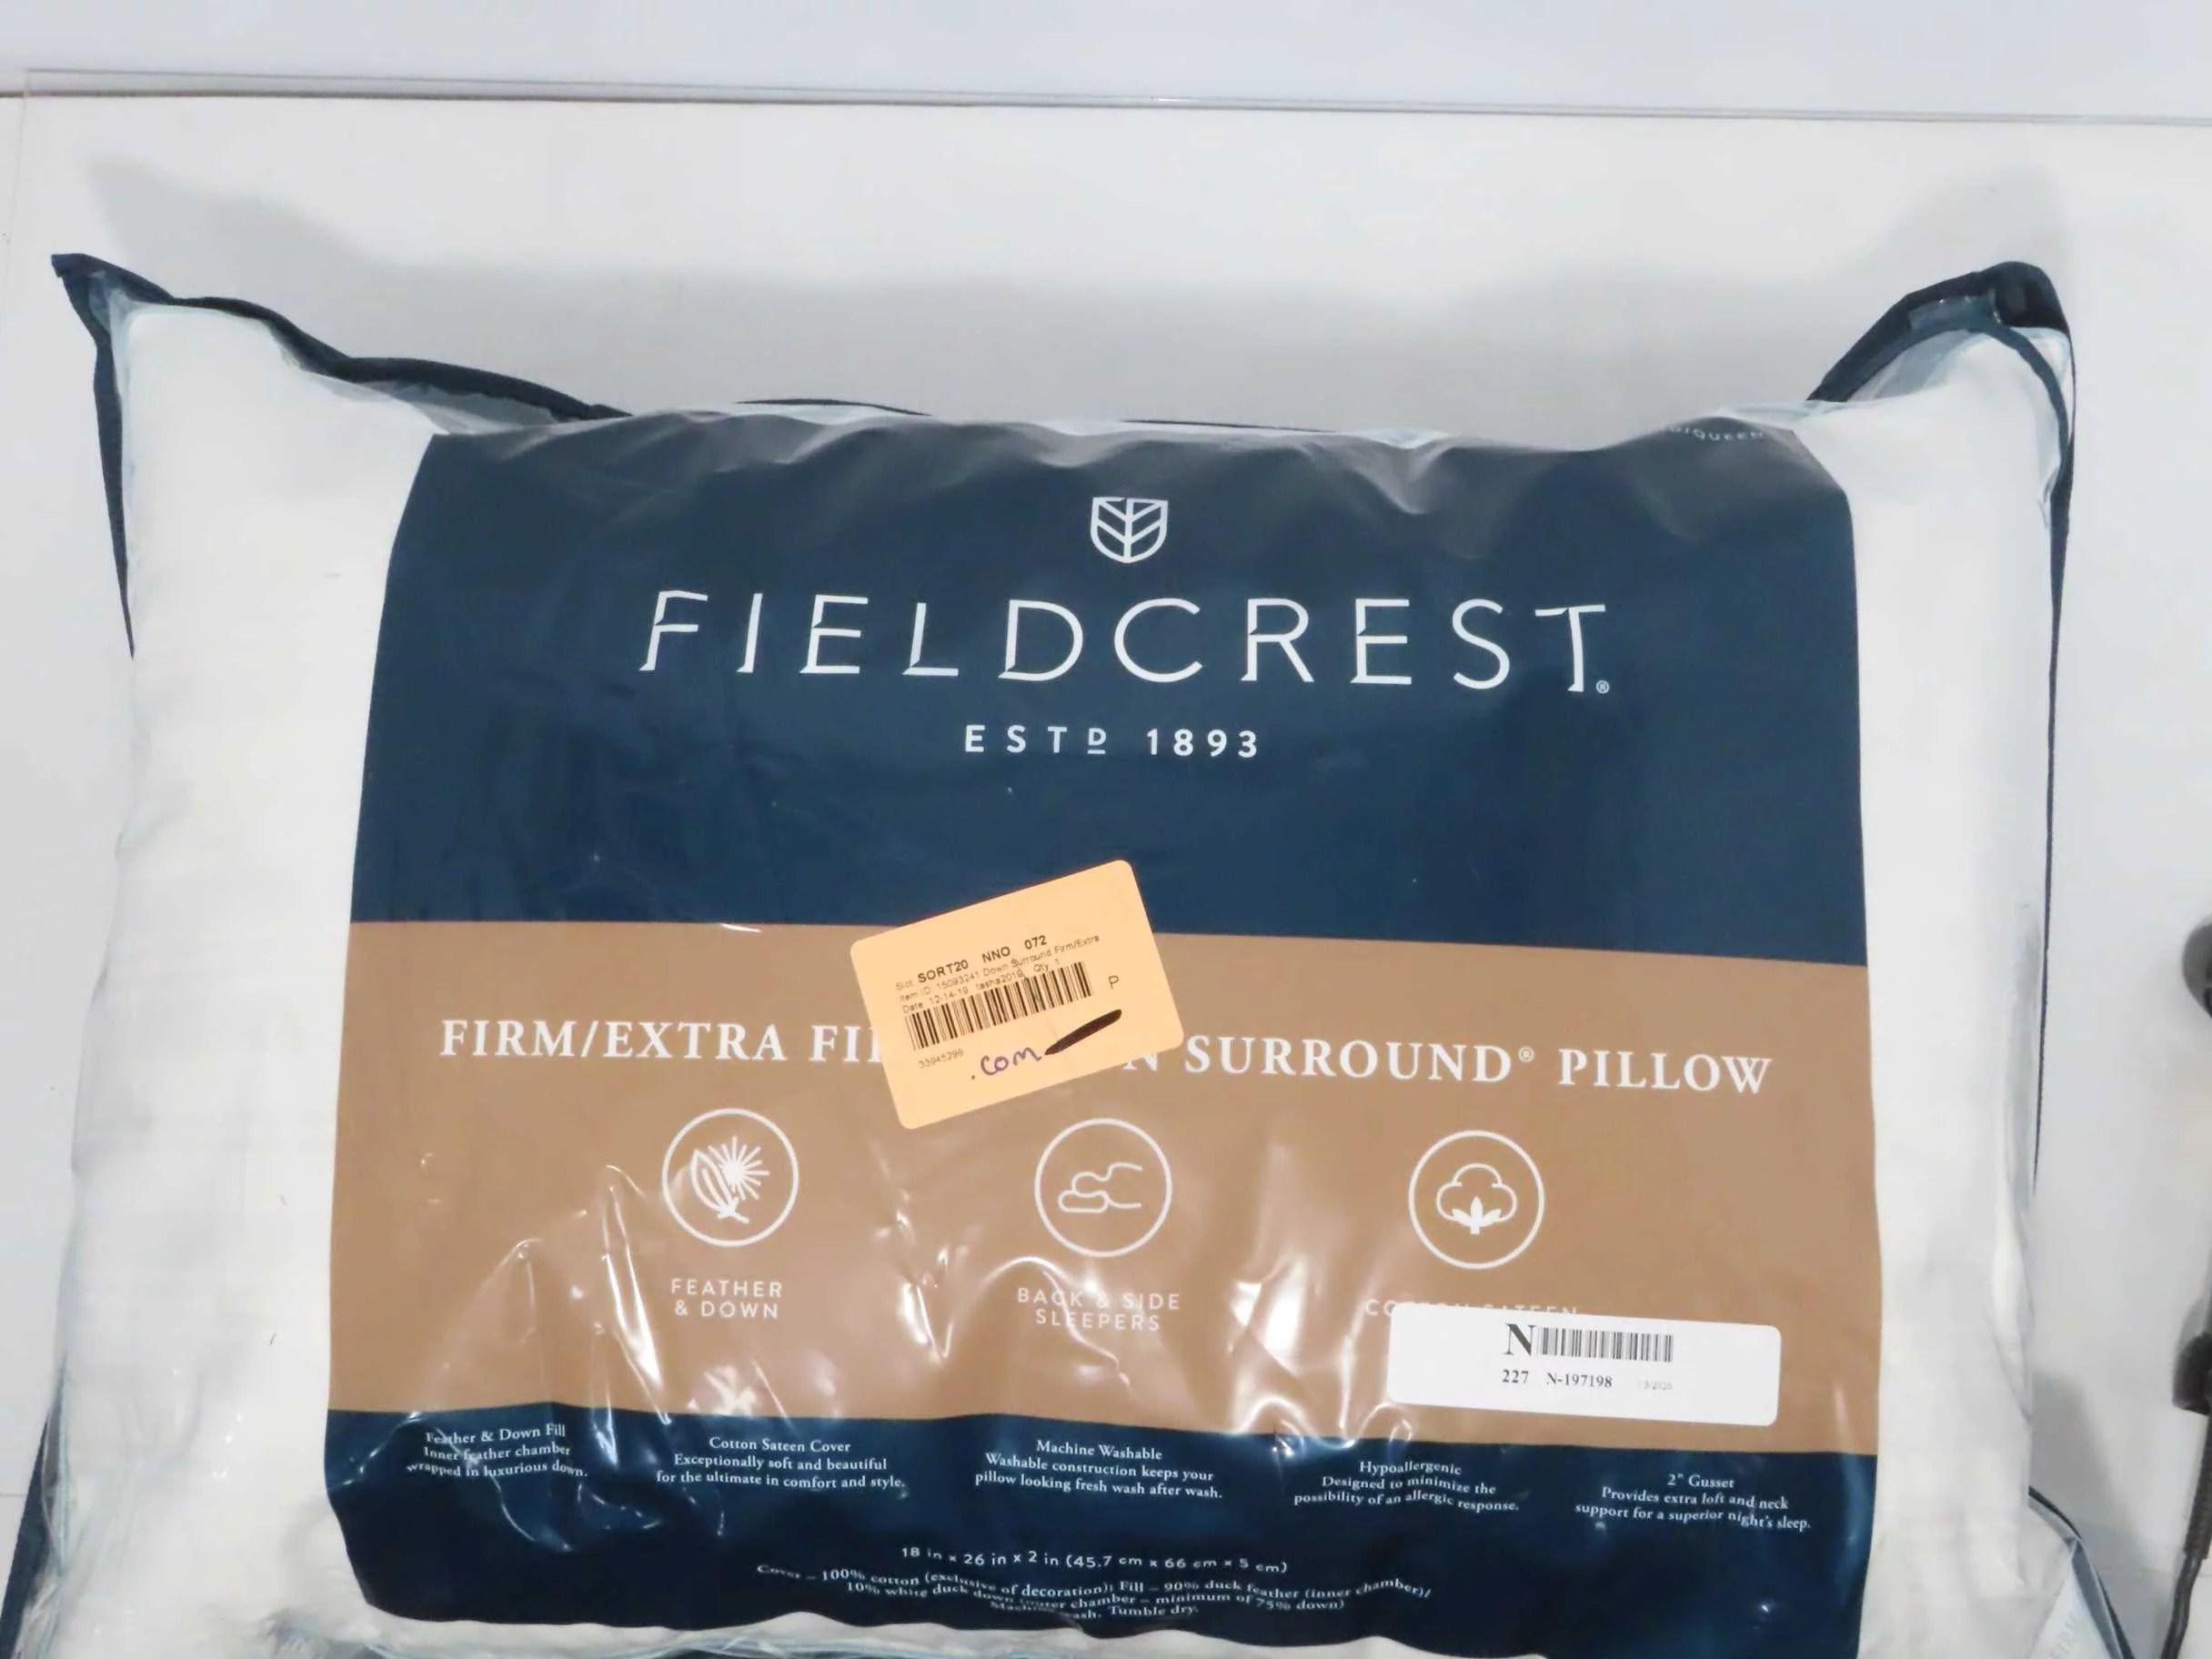 fieldcrest firm extra firm down